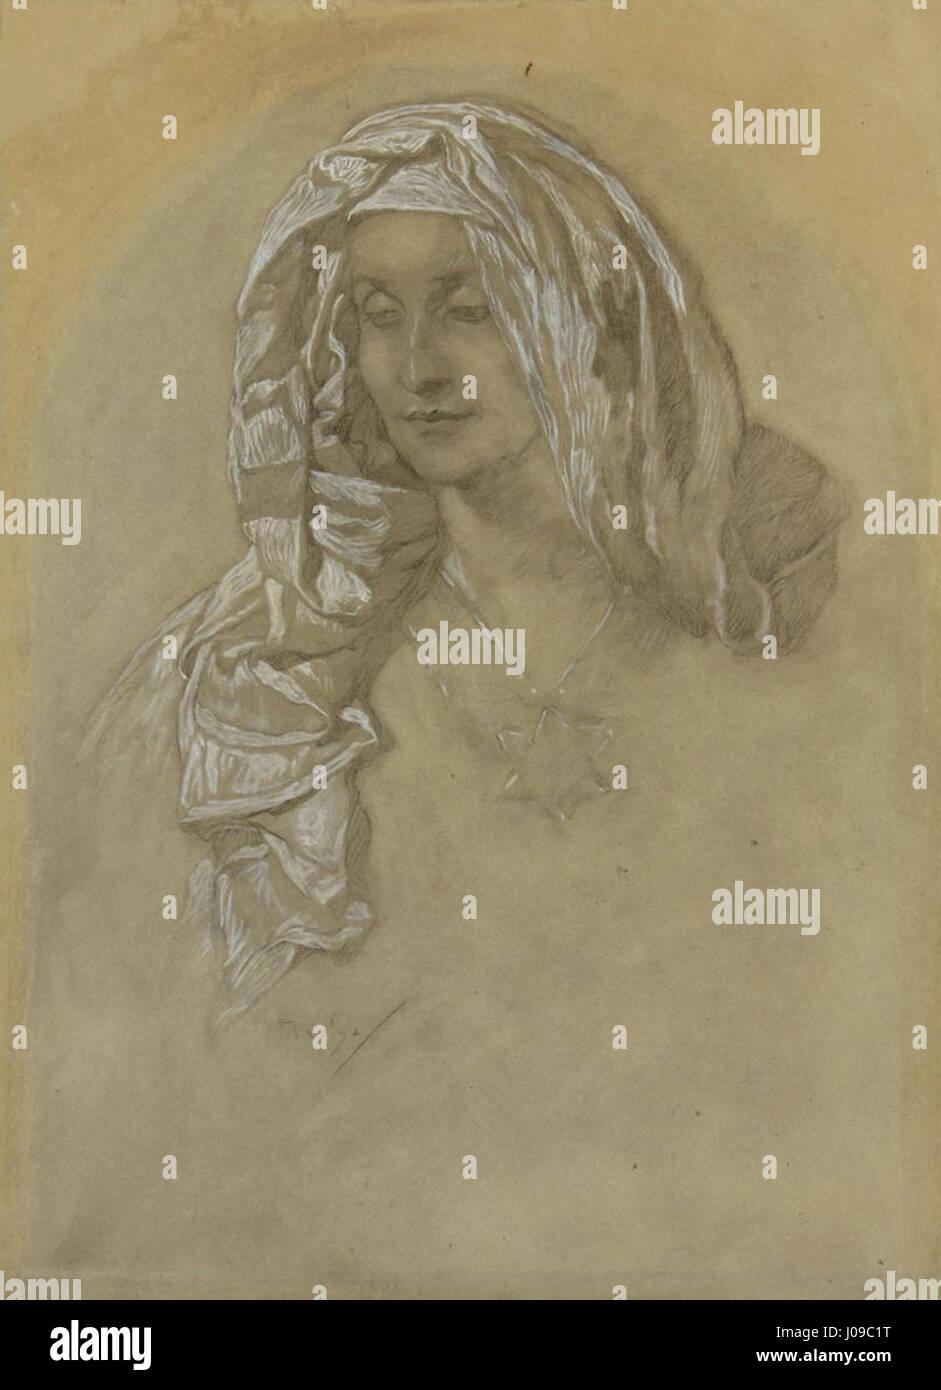 Alfons Mucha Porträt eines Mädchens - Stock Image